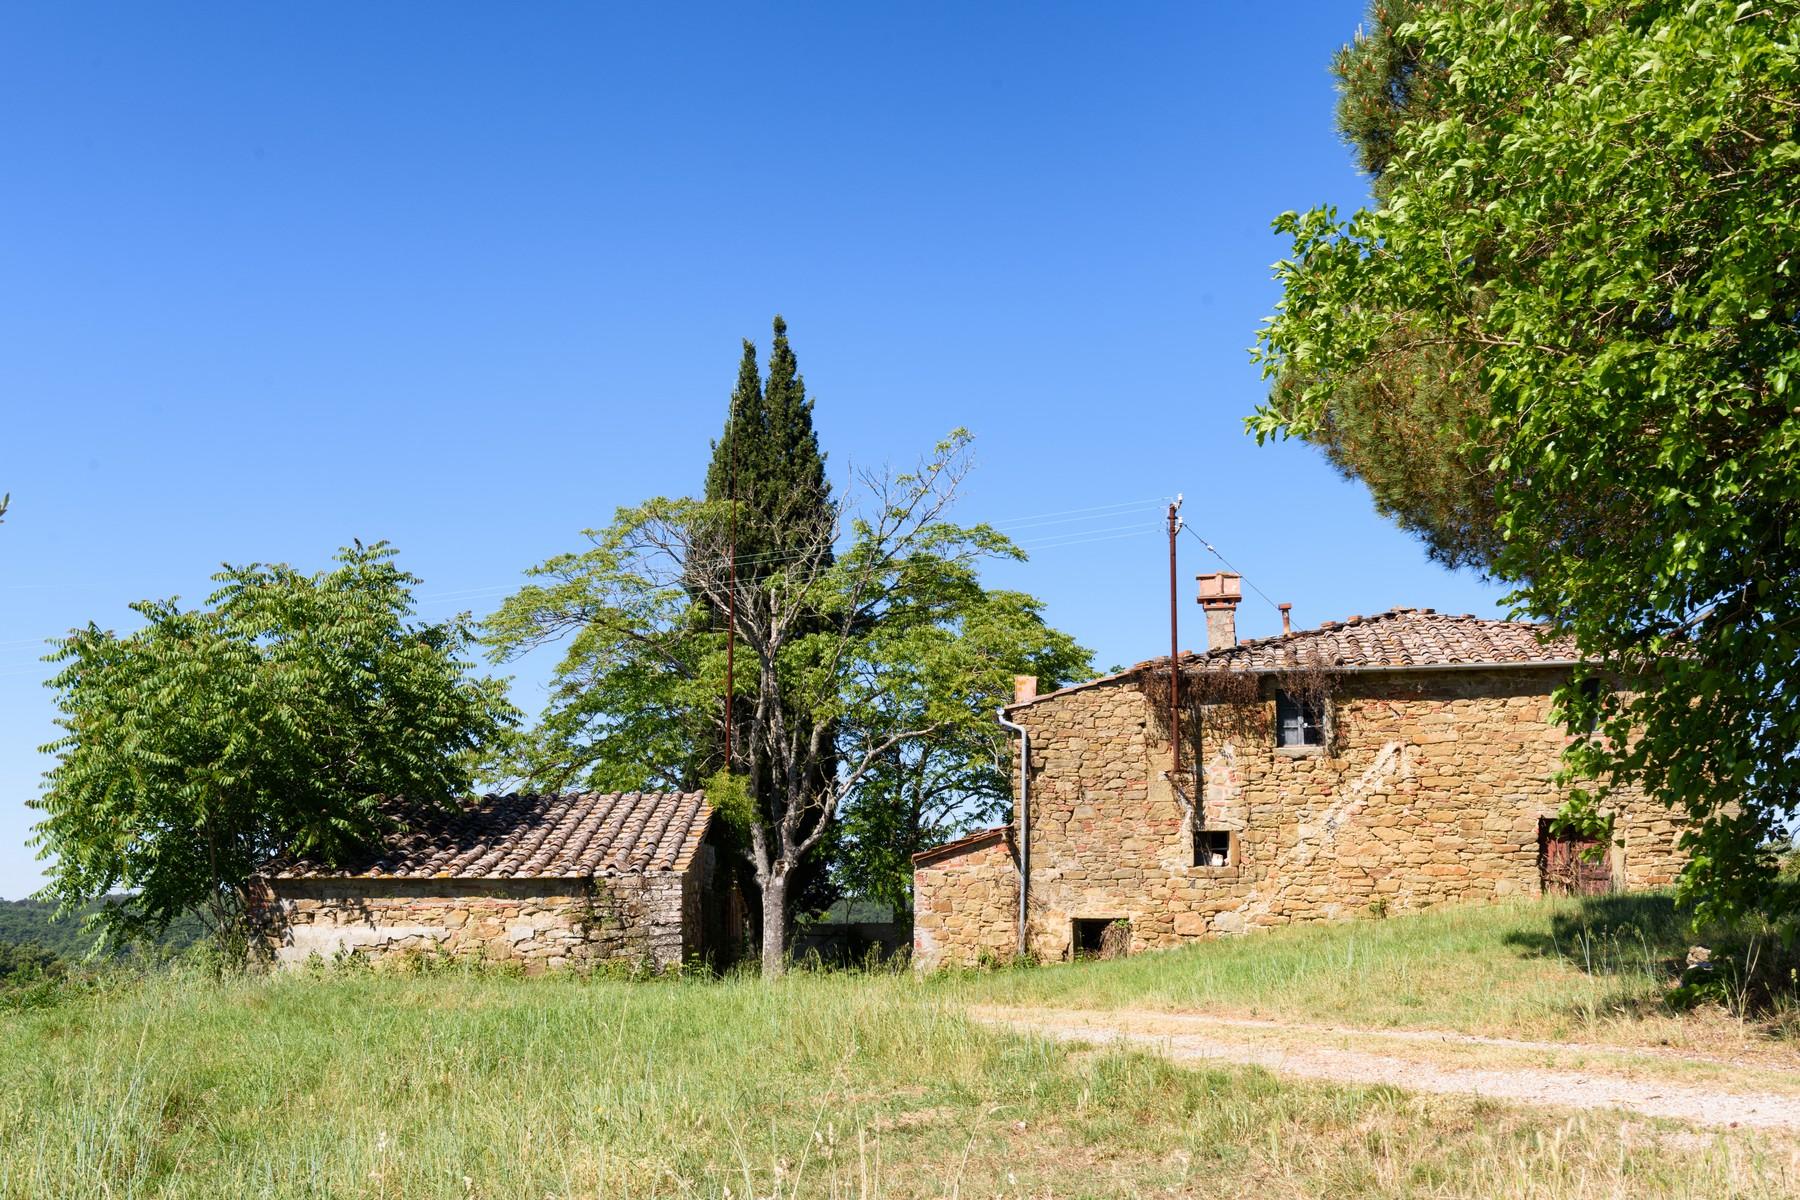 Rustico in Vendita a Monte San Savino: 5 locali, 370 mq - Foto 8